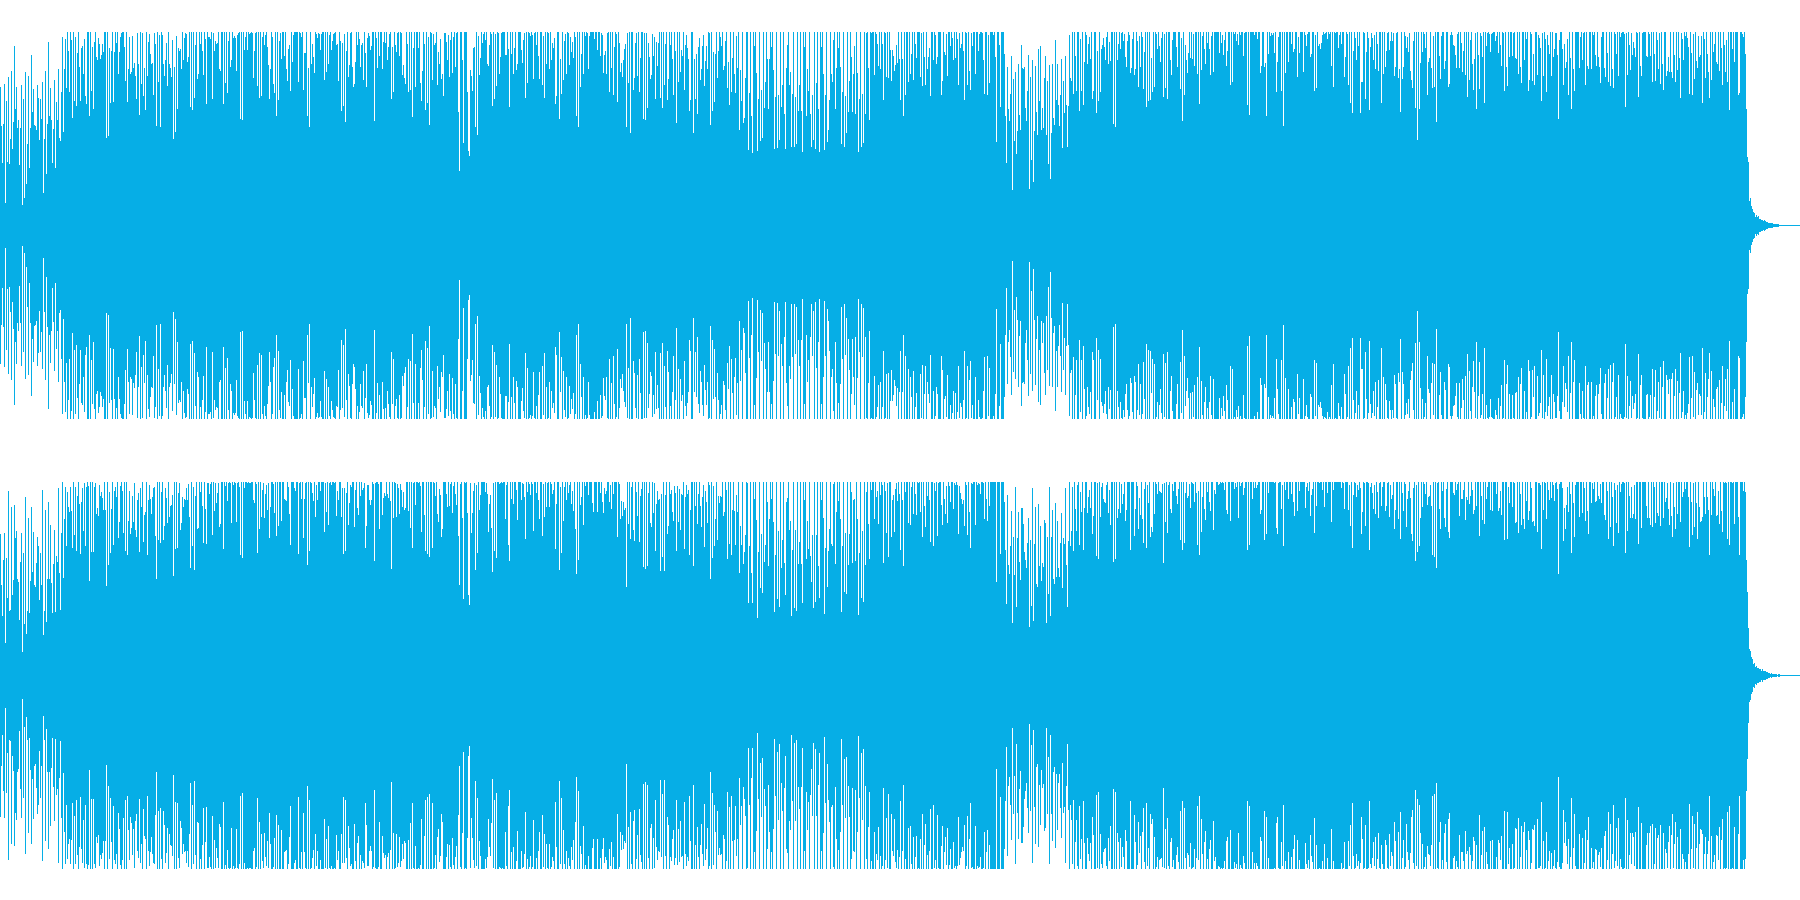 闘牛士をイメージしたフラメンコギターの再生済みの波形